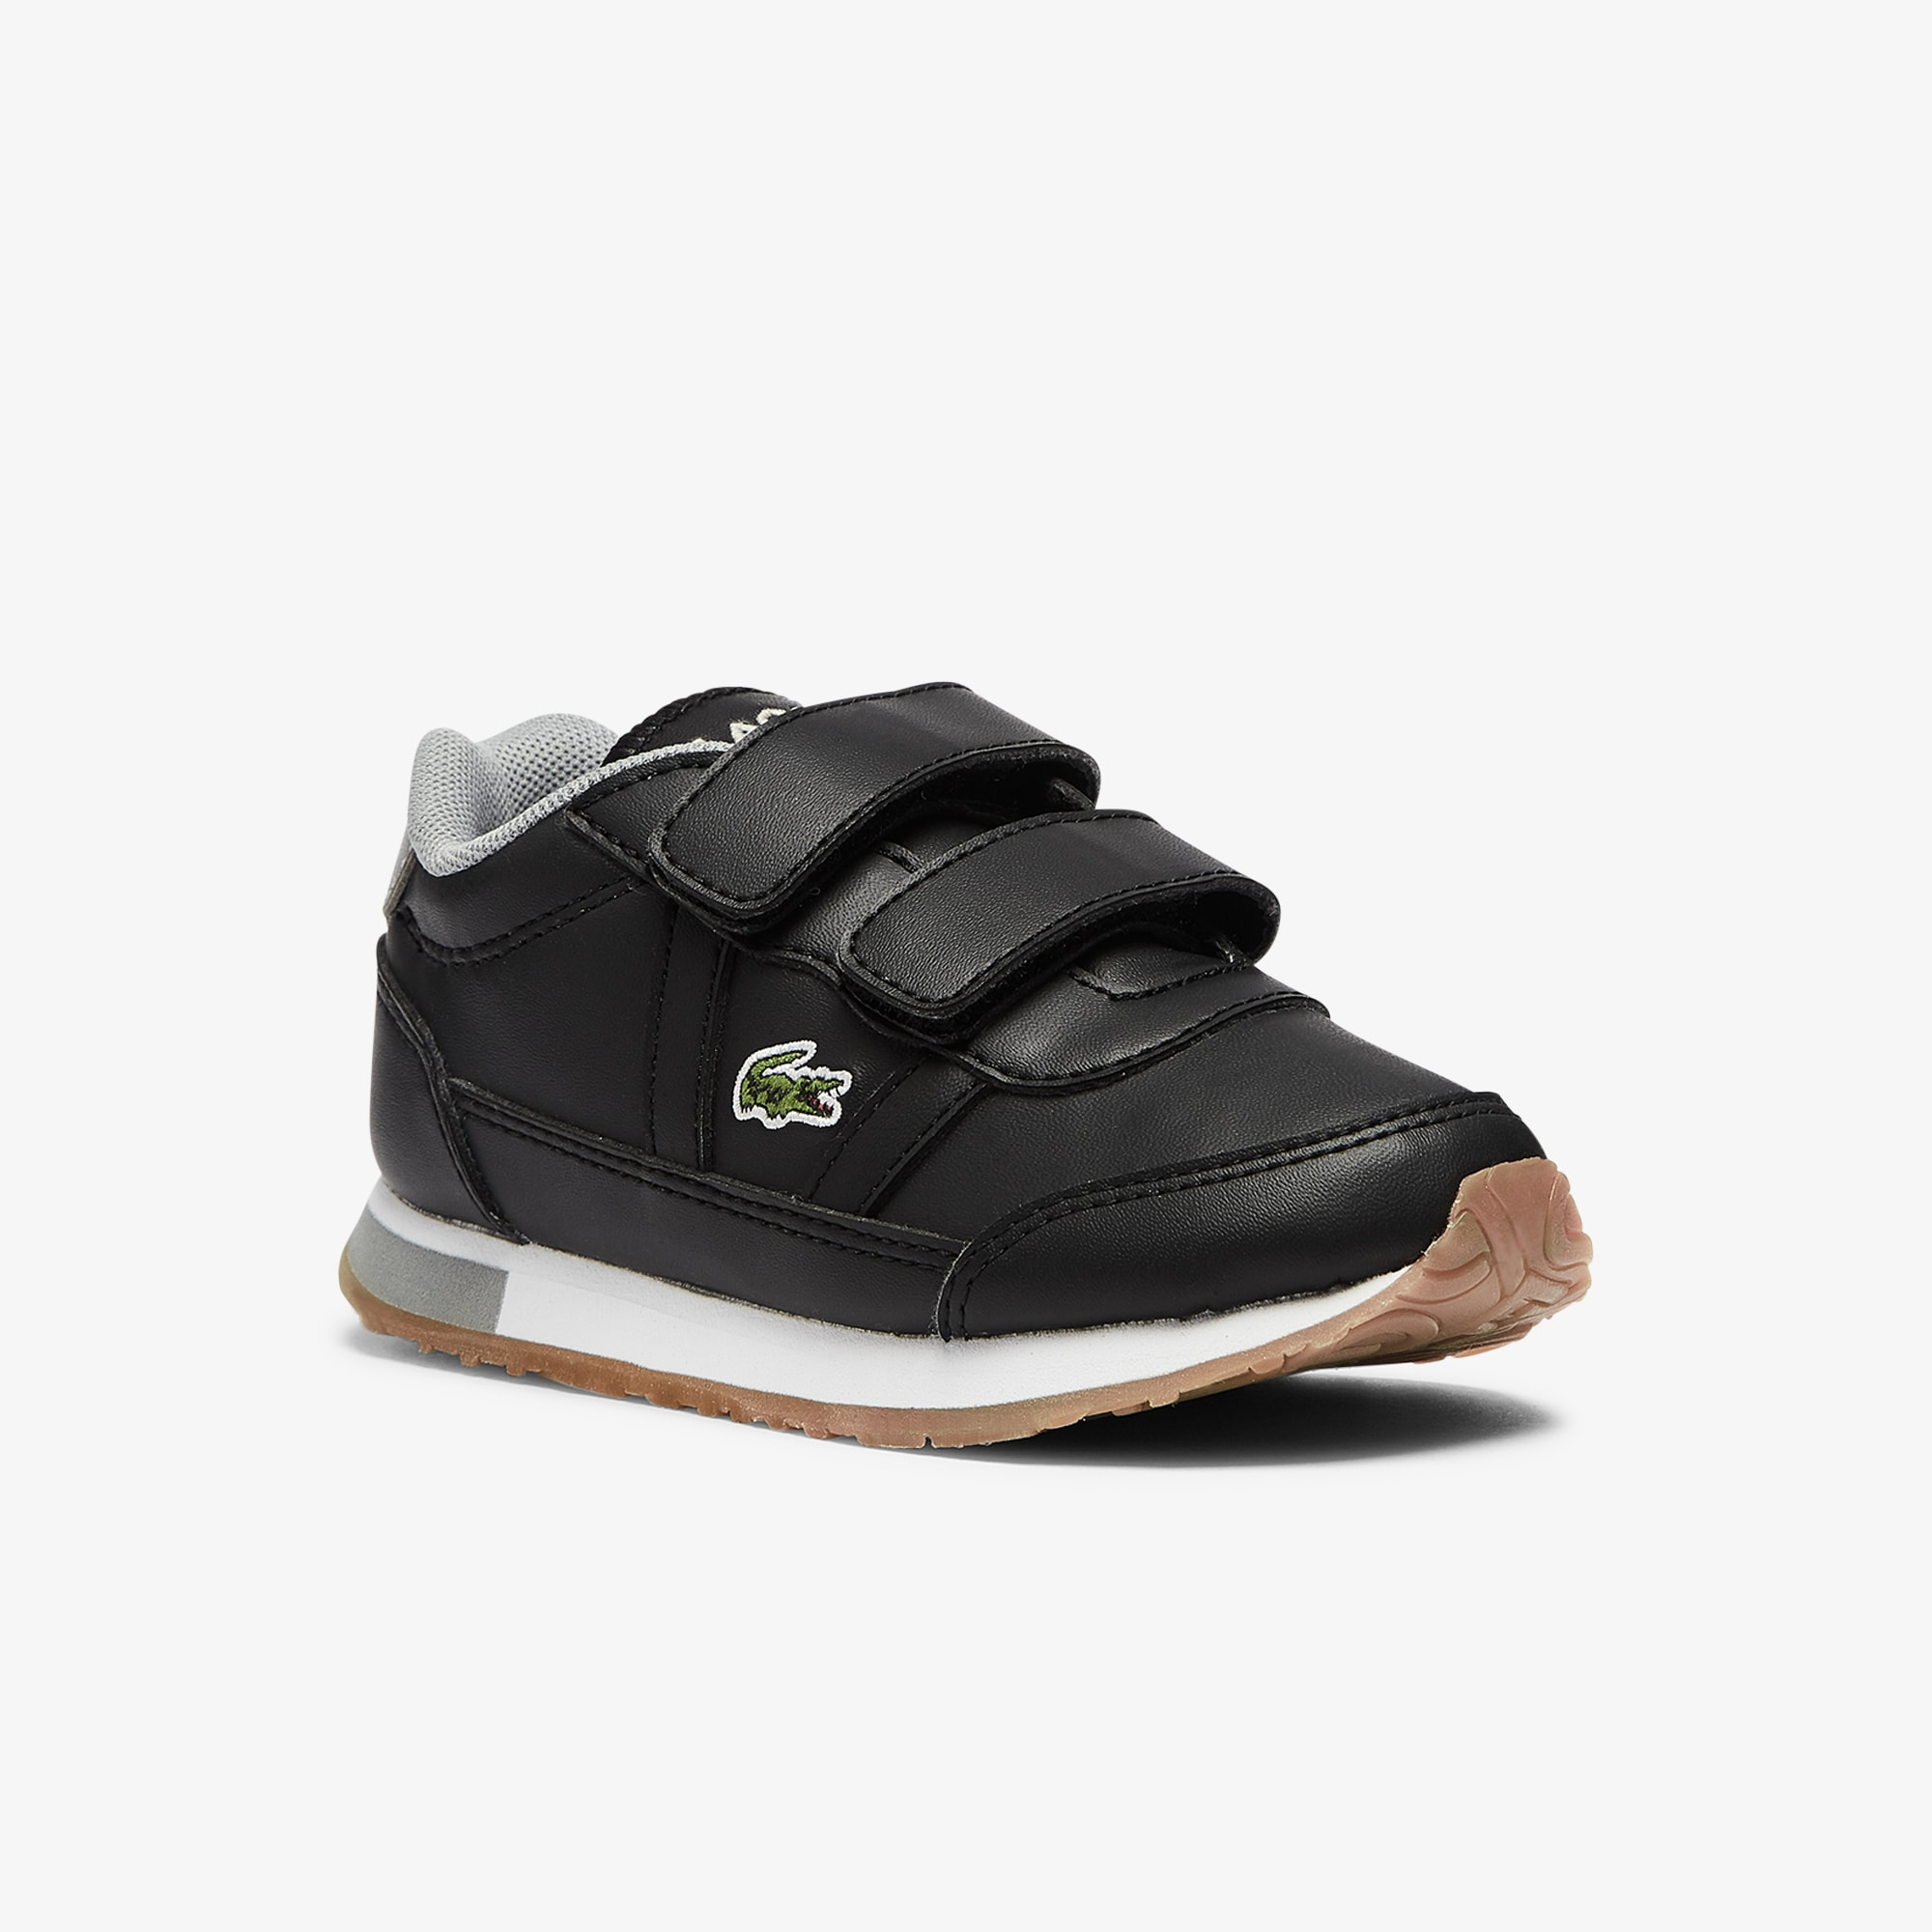 Lacoste Sneakers Partner bébé en tissu Taille 20 Noir/gris